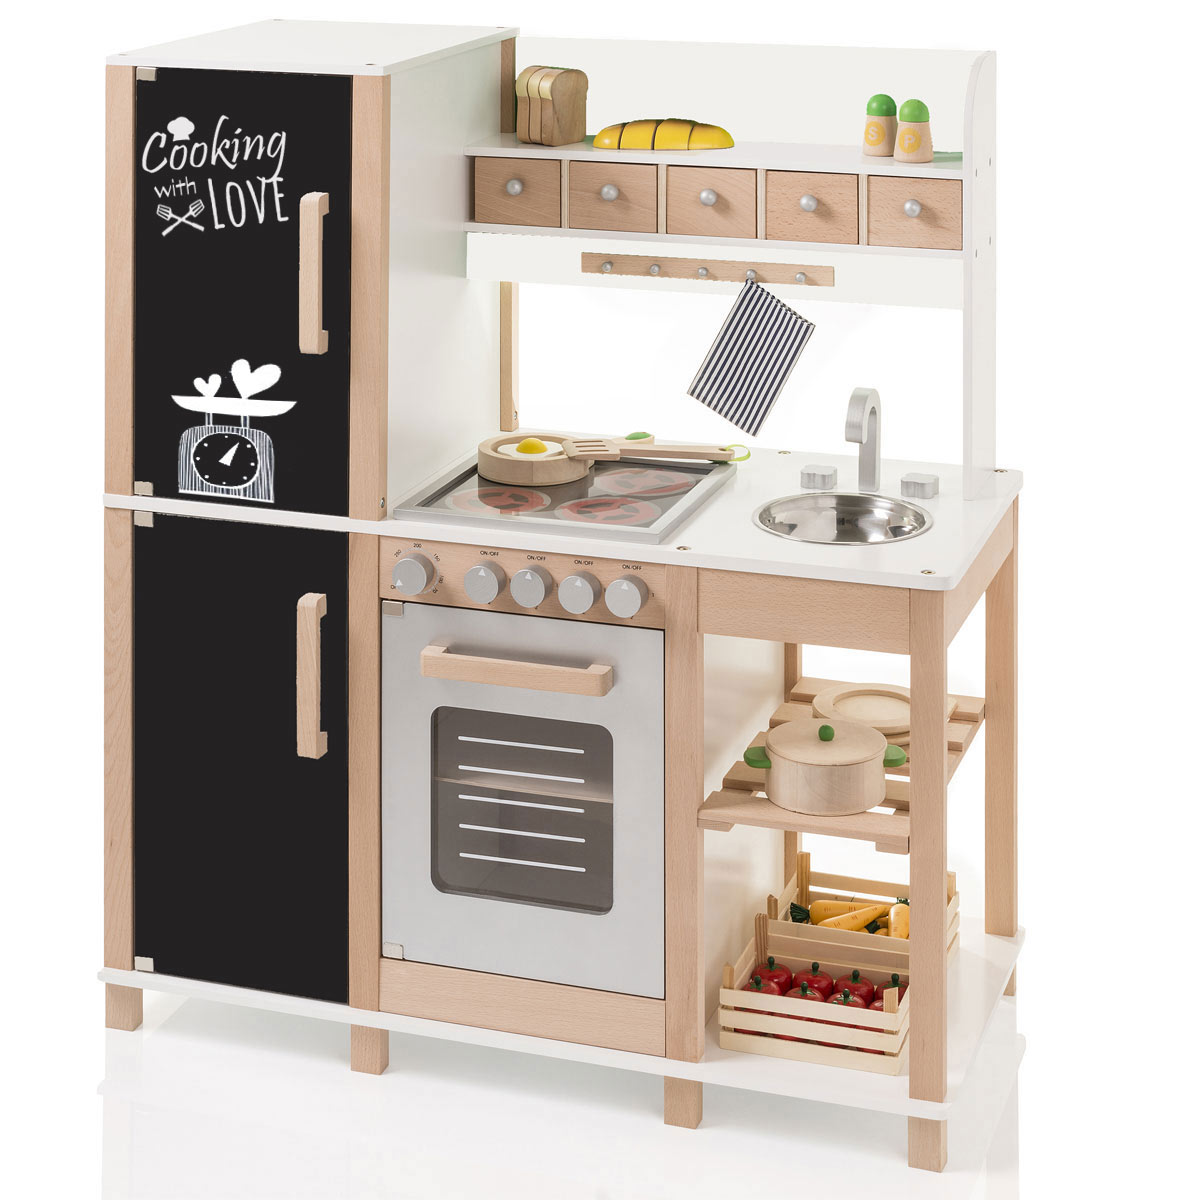 Full Size of Sun 04139 Kinderkche Mit Tafel Aus Holz Khl Gefrierkombination Kinder Spielküche Wohnzimmer Spielküche